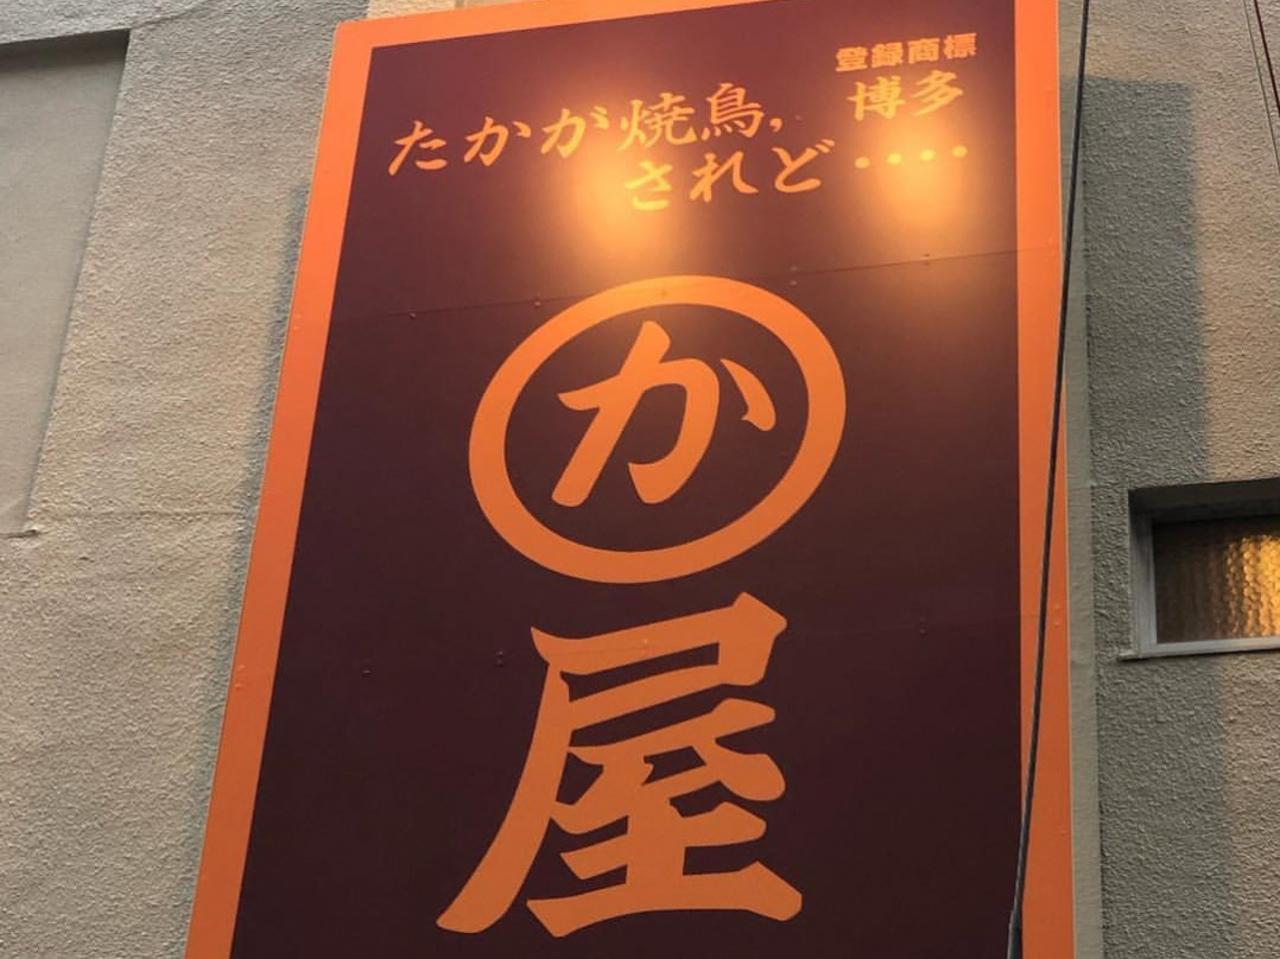 阪急烏丸駅近くに京都初登場「博多かわ屋 京都烏丸四条店」が3/7オープンのようです。